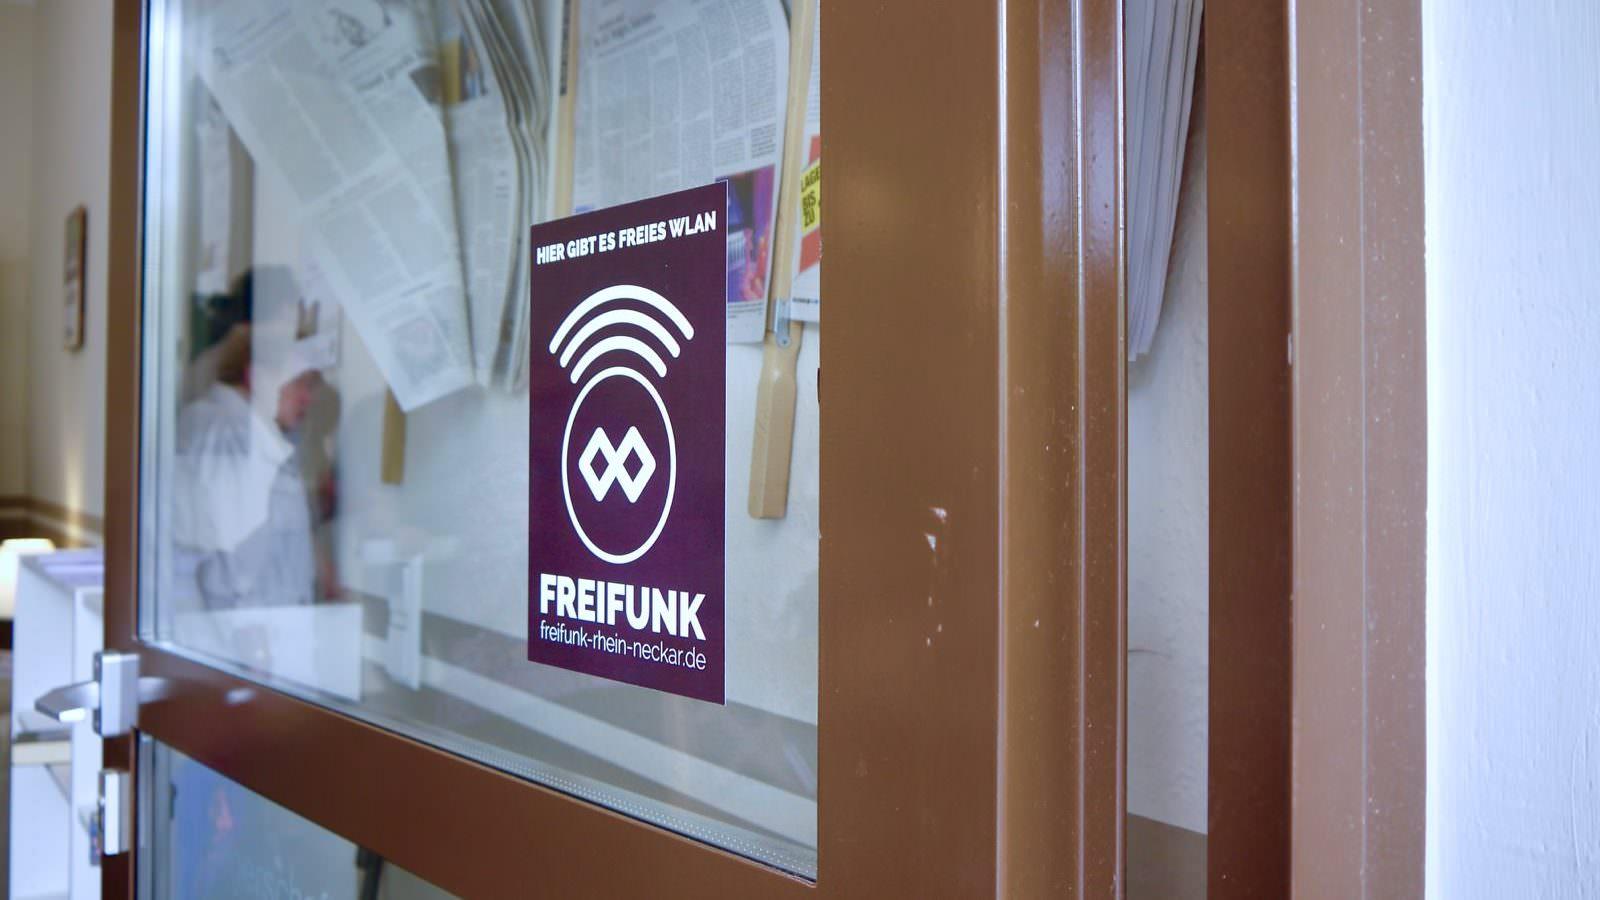 Im Bürgercafé Wohlgelegen gibt es jetzt freies WLAN | Foto: M. Schülke